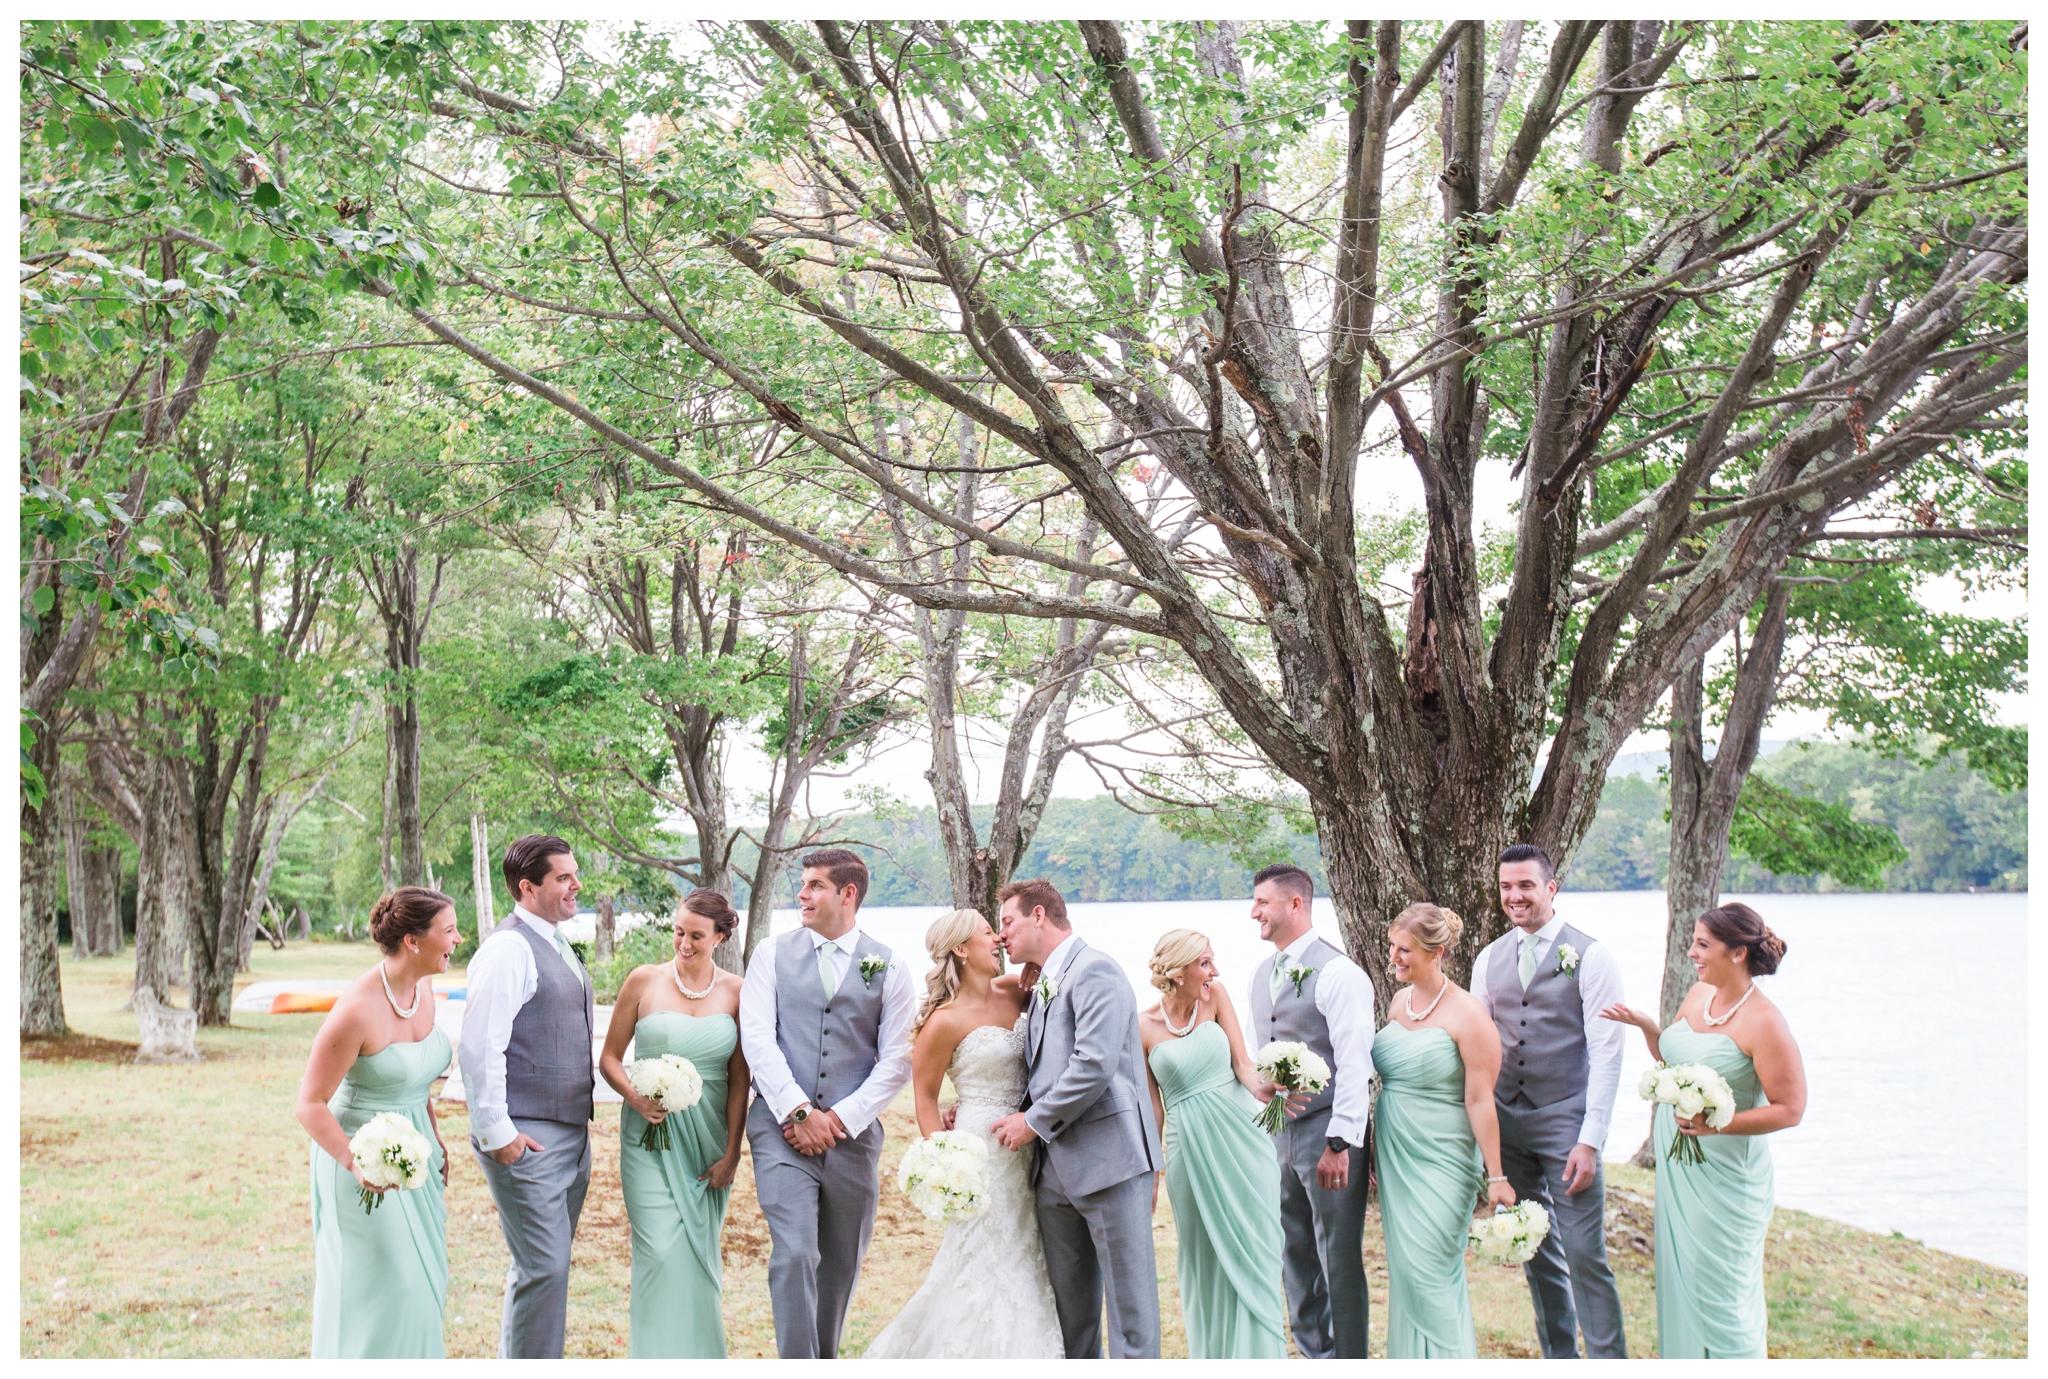 lodge-at-mountain-springs-lake-wedding_0014.jpg